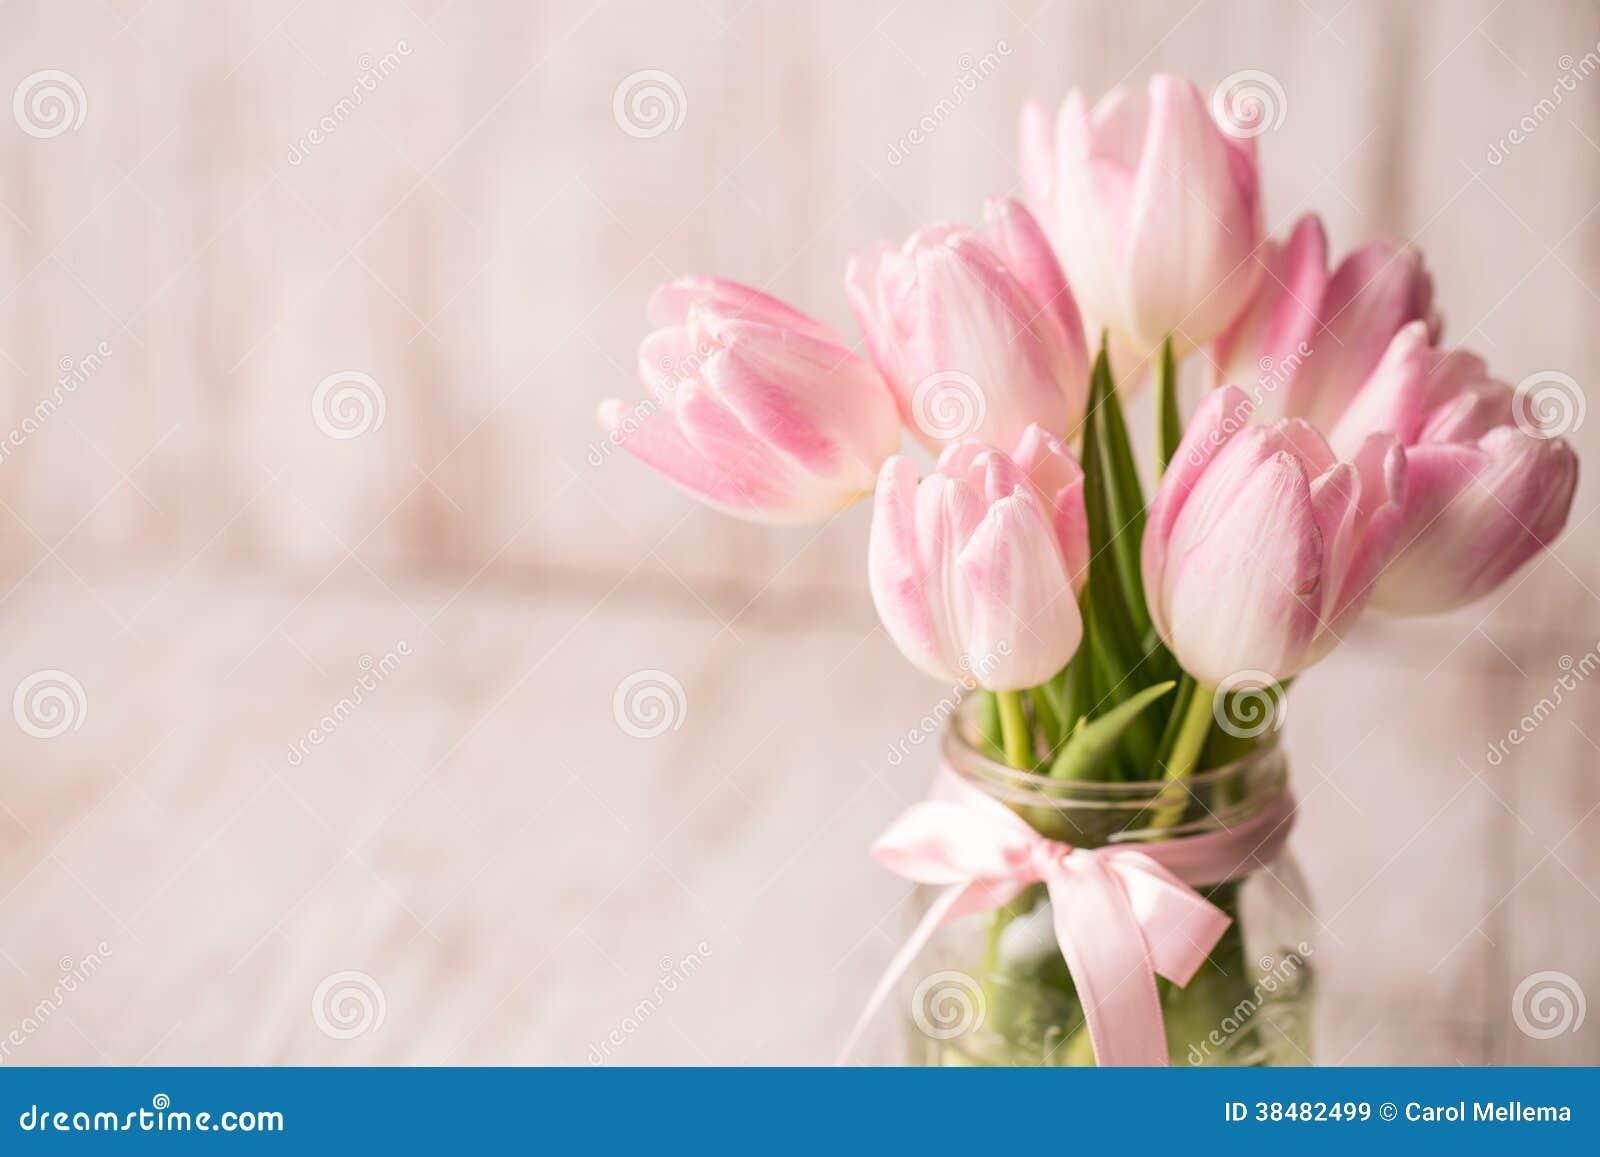 Tulipanes En Colores Pastel Del Rosa Y Blancos En El